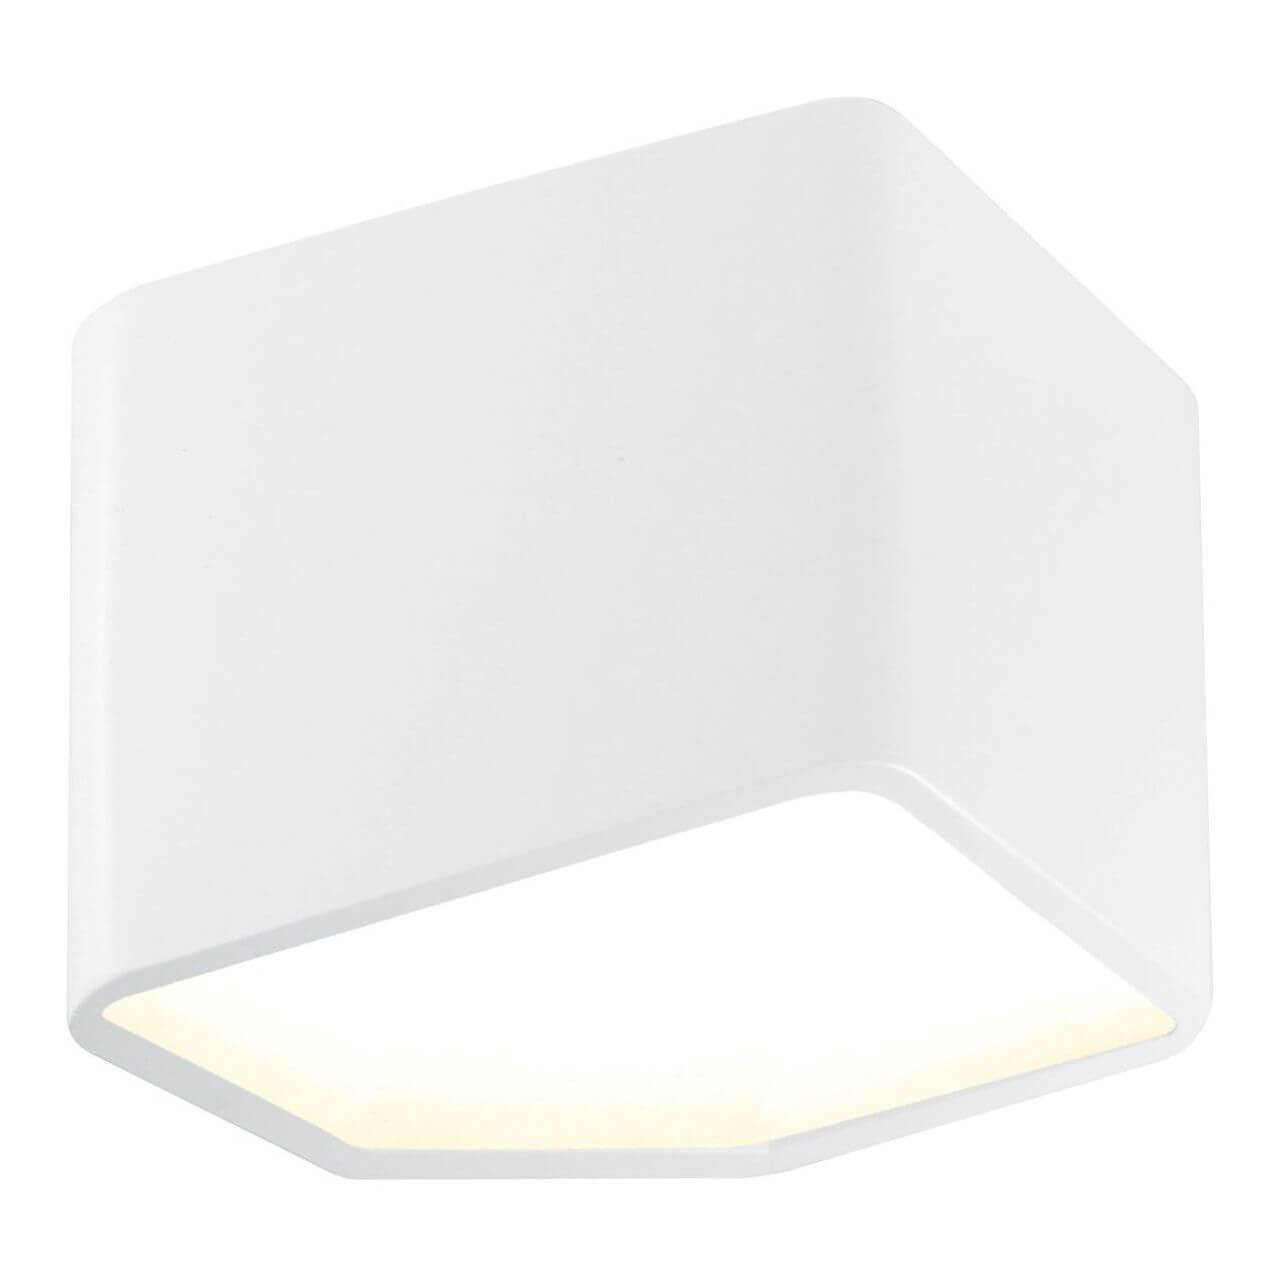 Настенный светодиодный светильник Britop Space 1120102 спот britop astrid 2735202